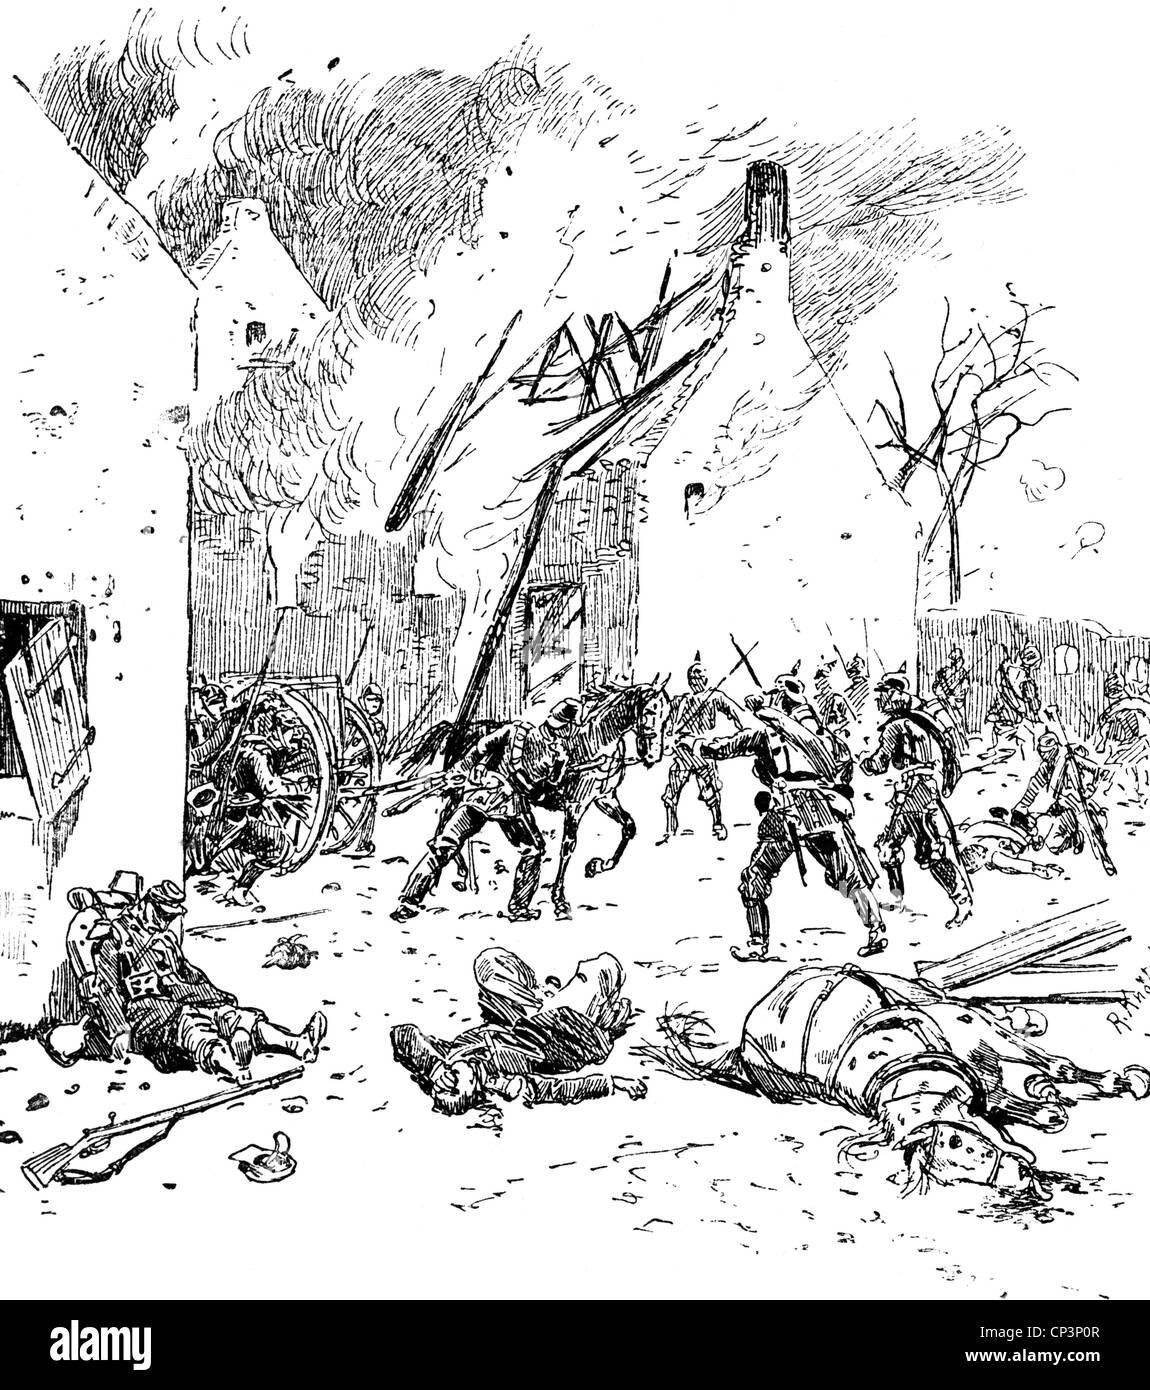 Eventi, guerra franco-prussiana 1870 - 1871, Battaglia di Villejouan, 10.12.1870, la 33a Brigata (anseatica) coinvolta Foto Stock